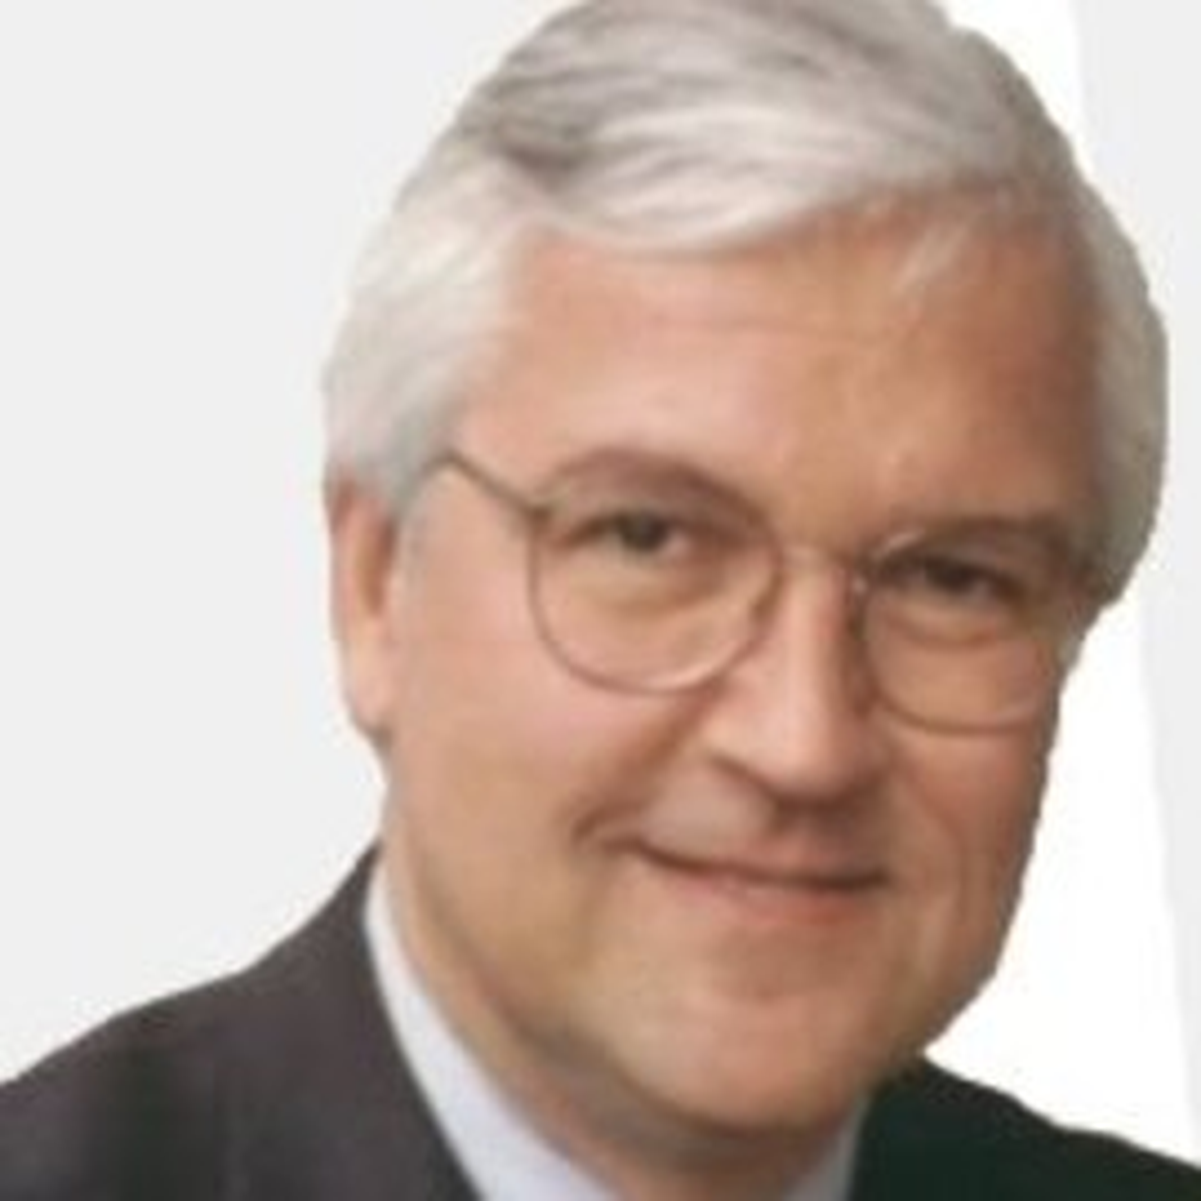 William Danko